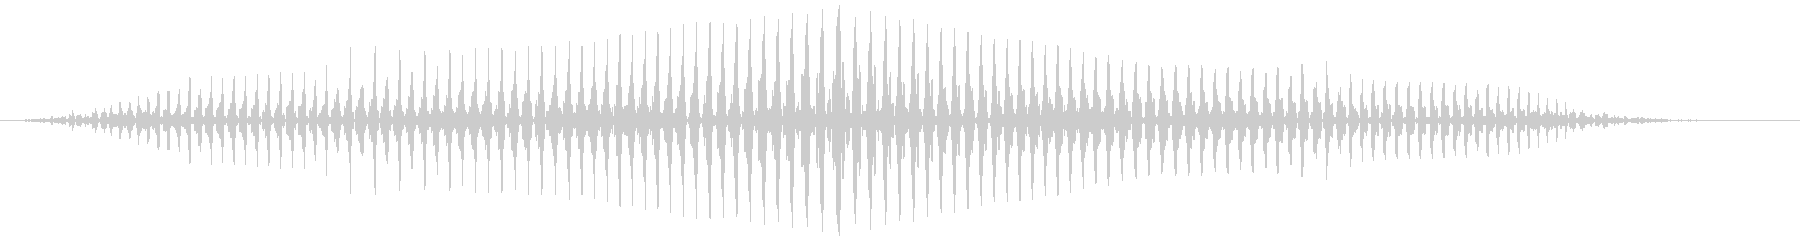 長いミュートされたおならの未再生の波形